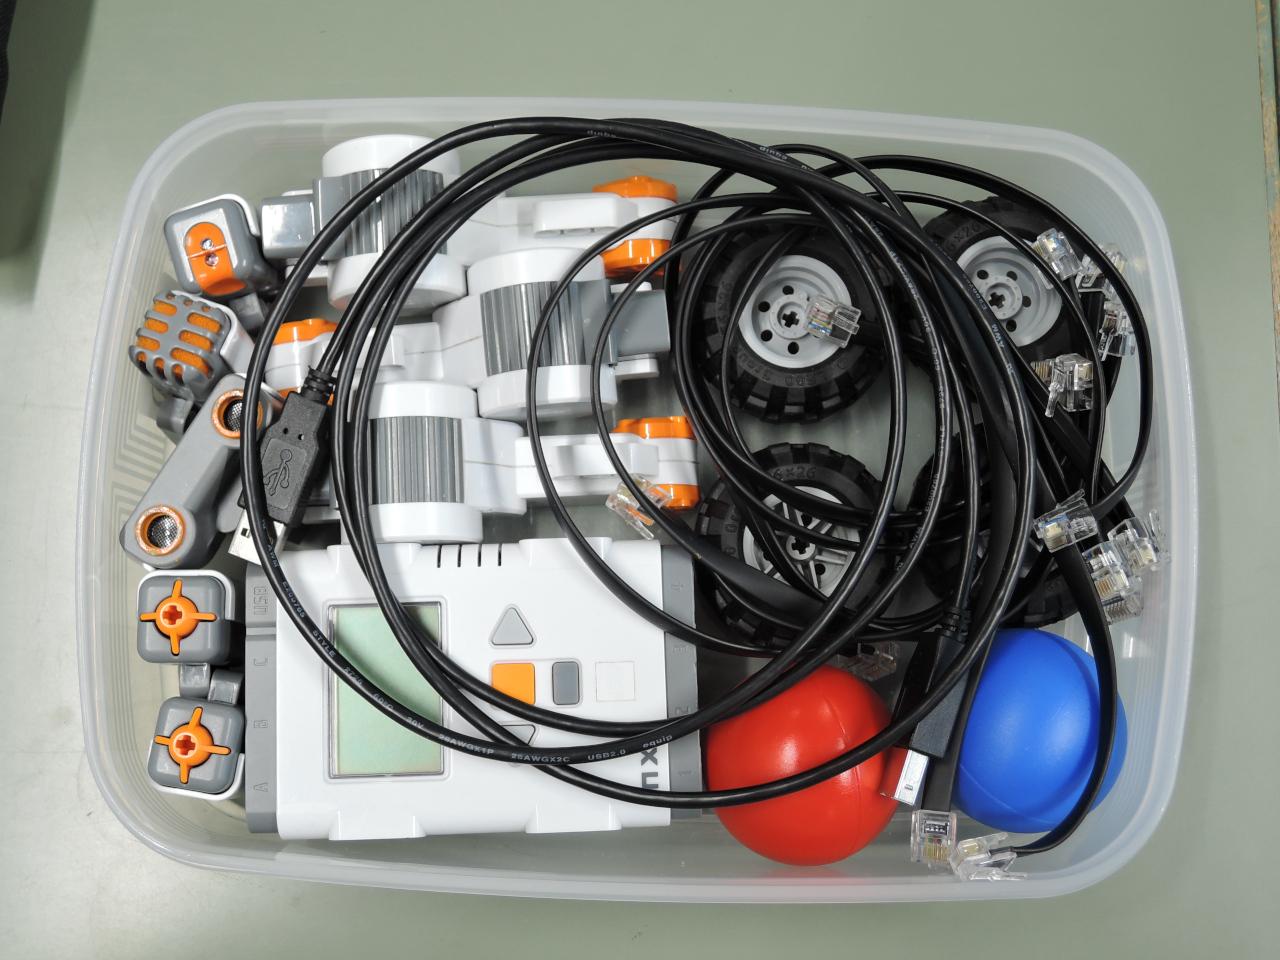 nxt-parts-case-1n.jpg